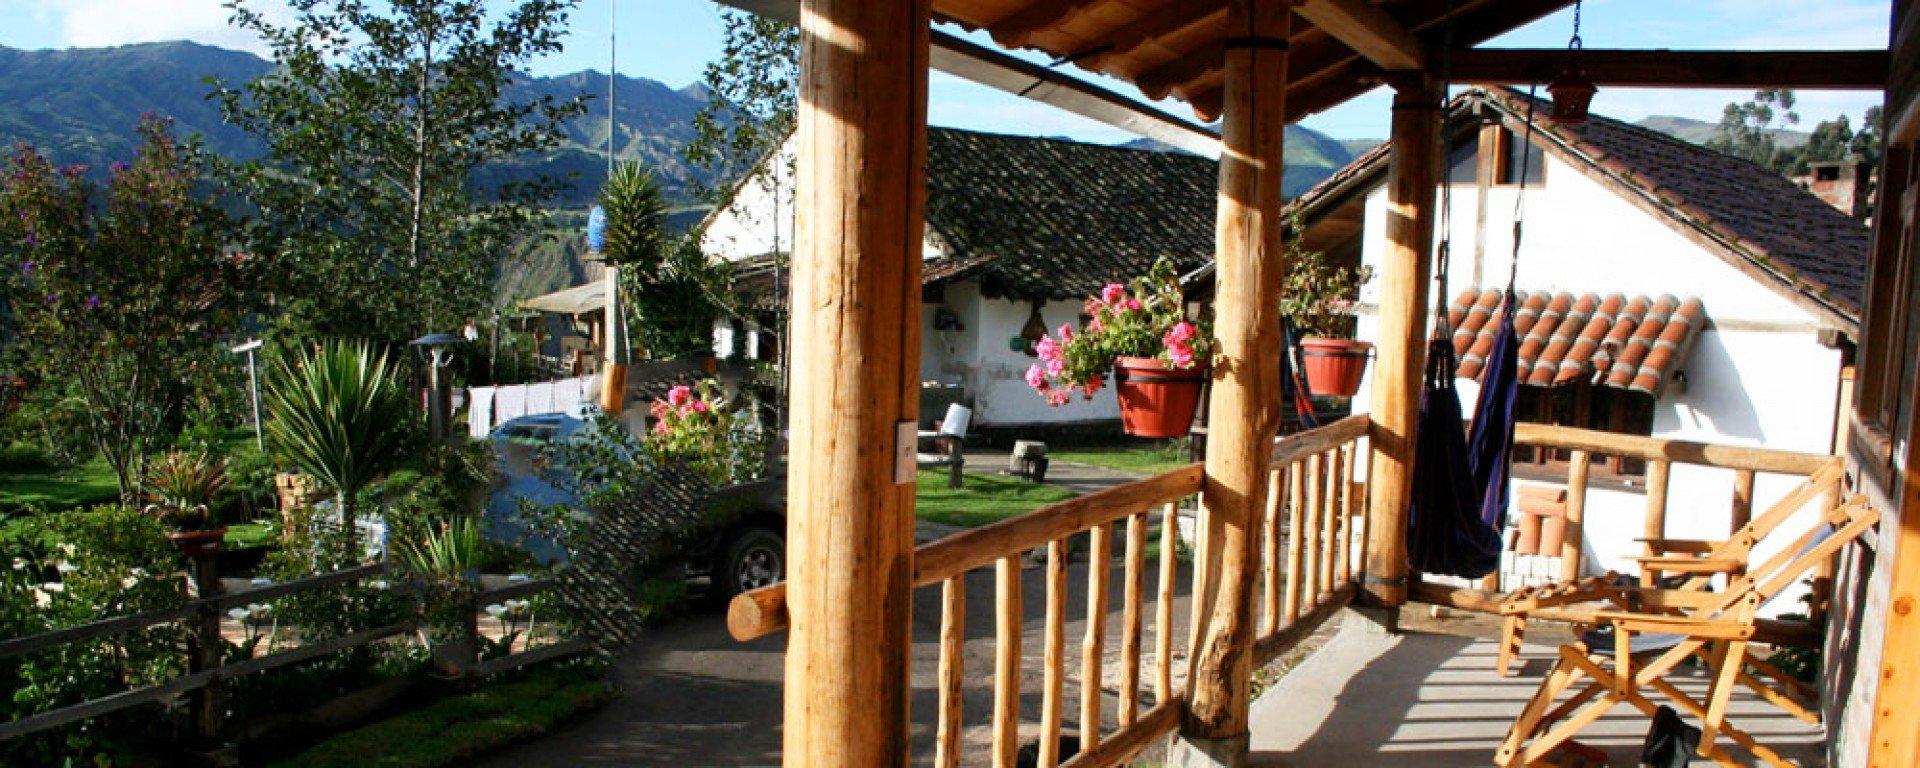 Mama Hilda Lodge porch